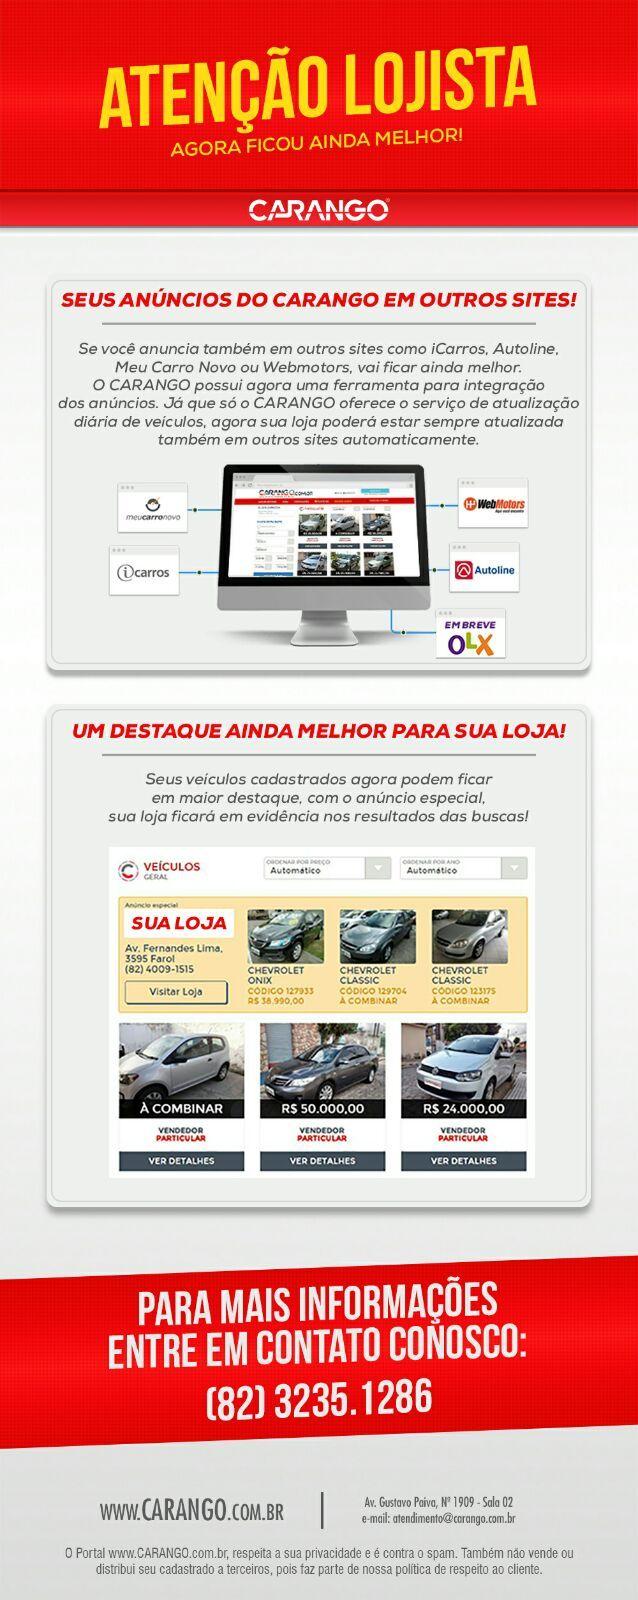 Integração é conosco, integre seus anúncios pelo Carango para sites, tais como: iCarros, MeuCarroNovo, Autoline, WebMotors e em breve OLX.  Me consulte : (82)99638-6737 (Whatsapp)